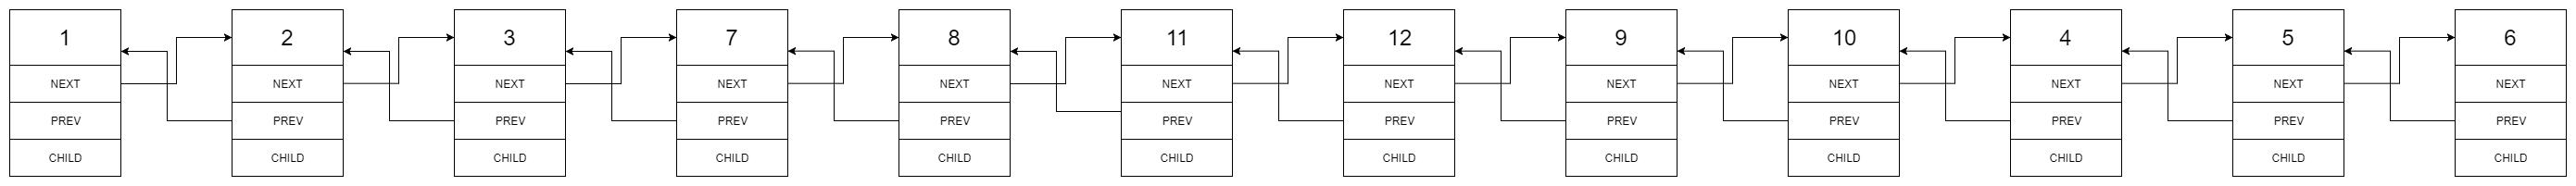 Flatten a Multilevel Doubly Linked List - LeetCode